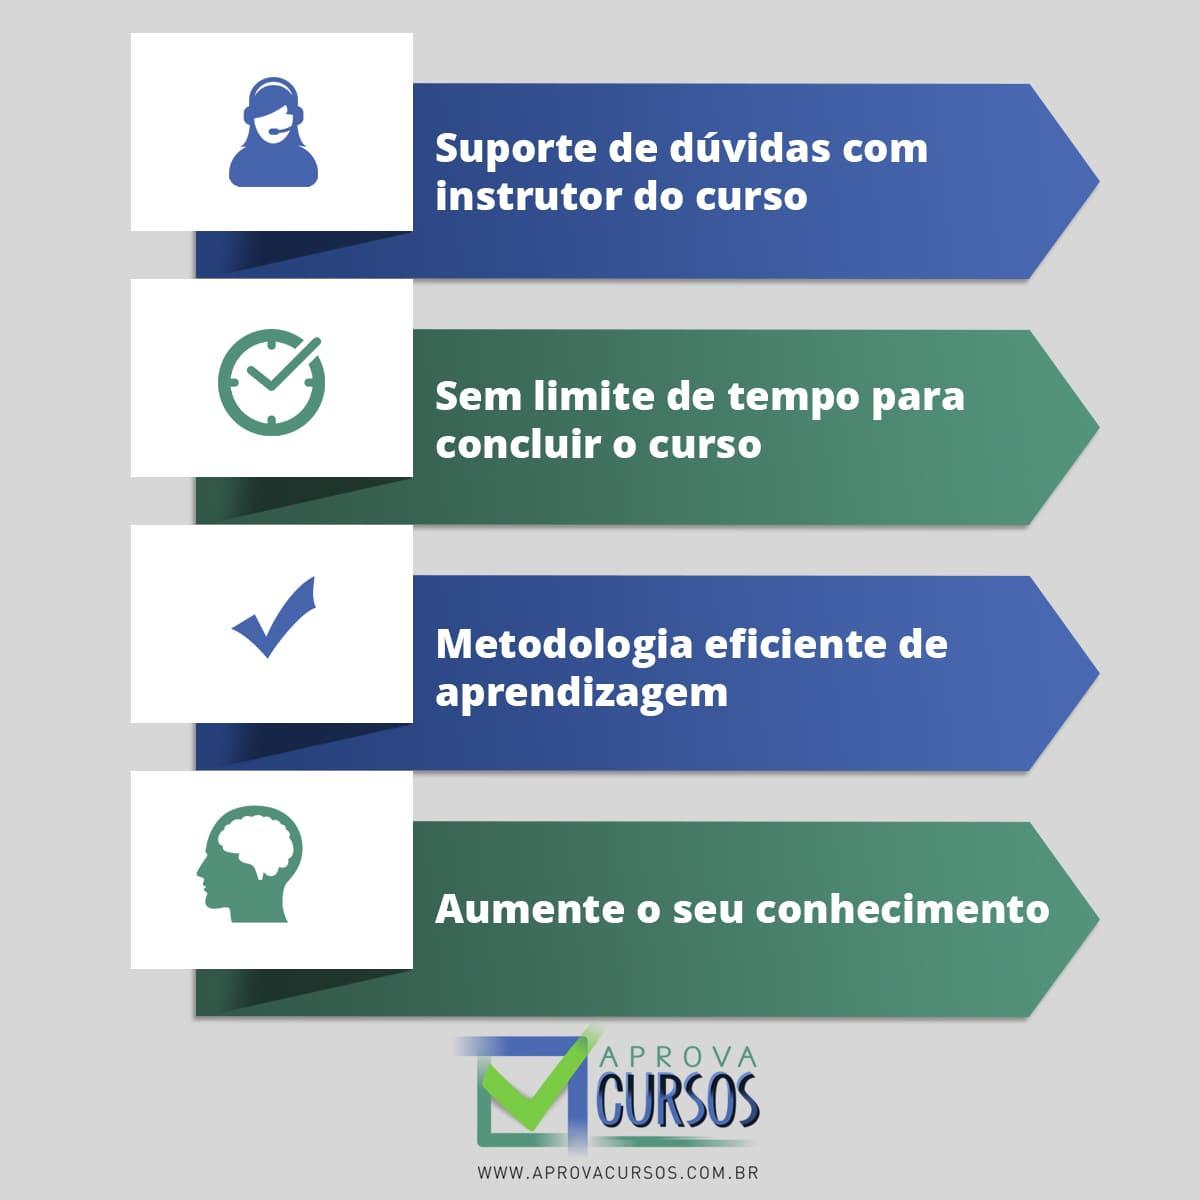 Curso Online de Assistente Social em Ação com Certificado  - Aprova Cursos